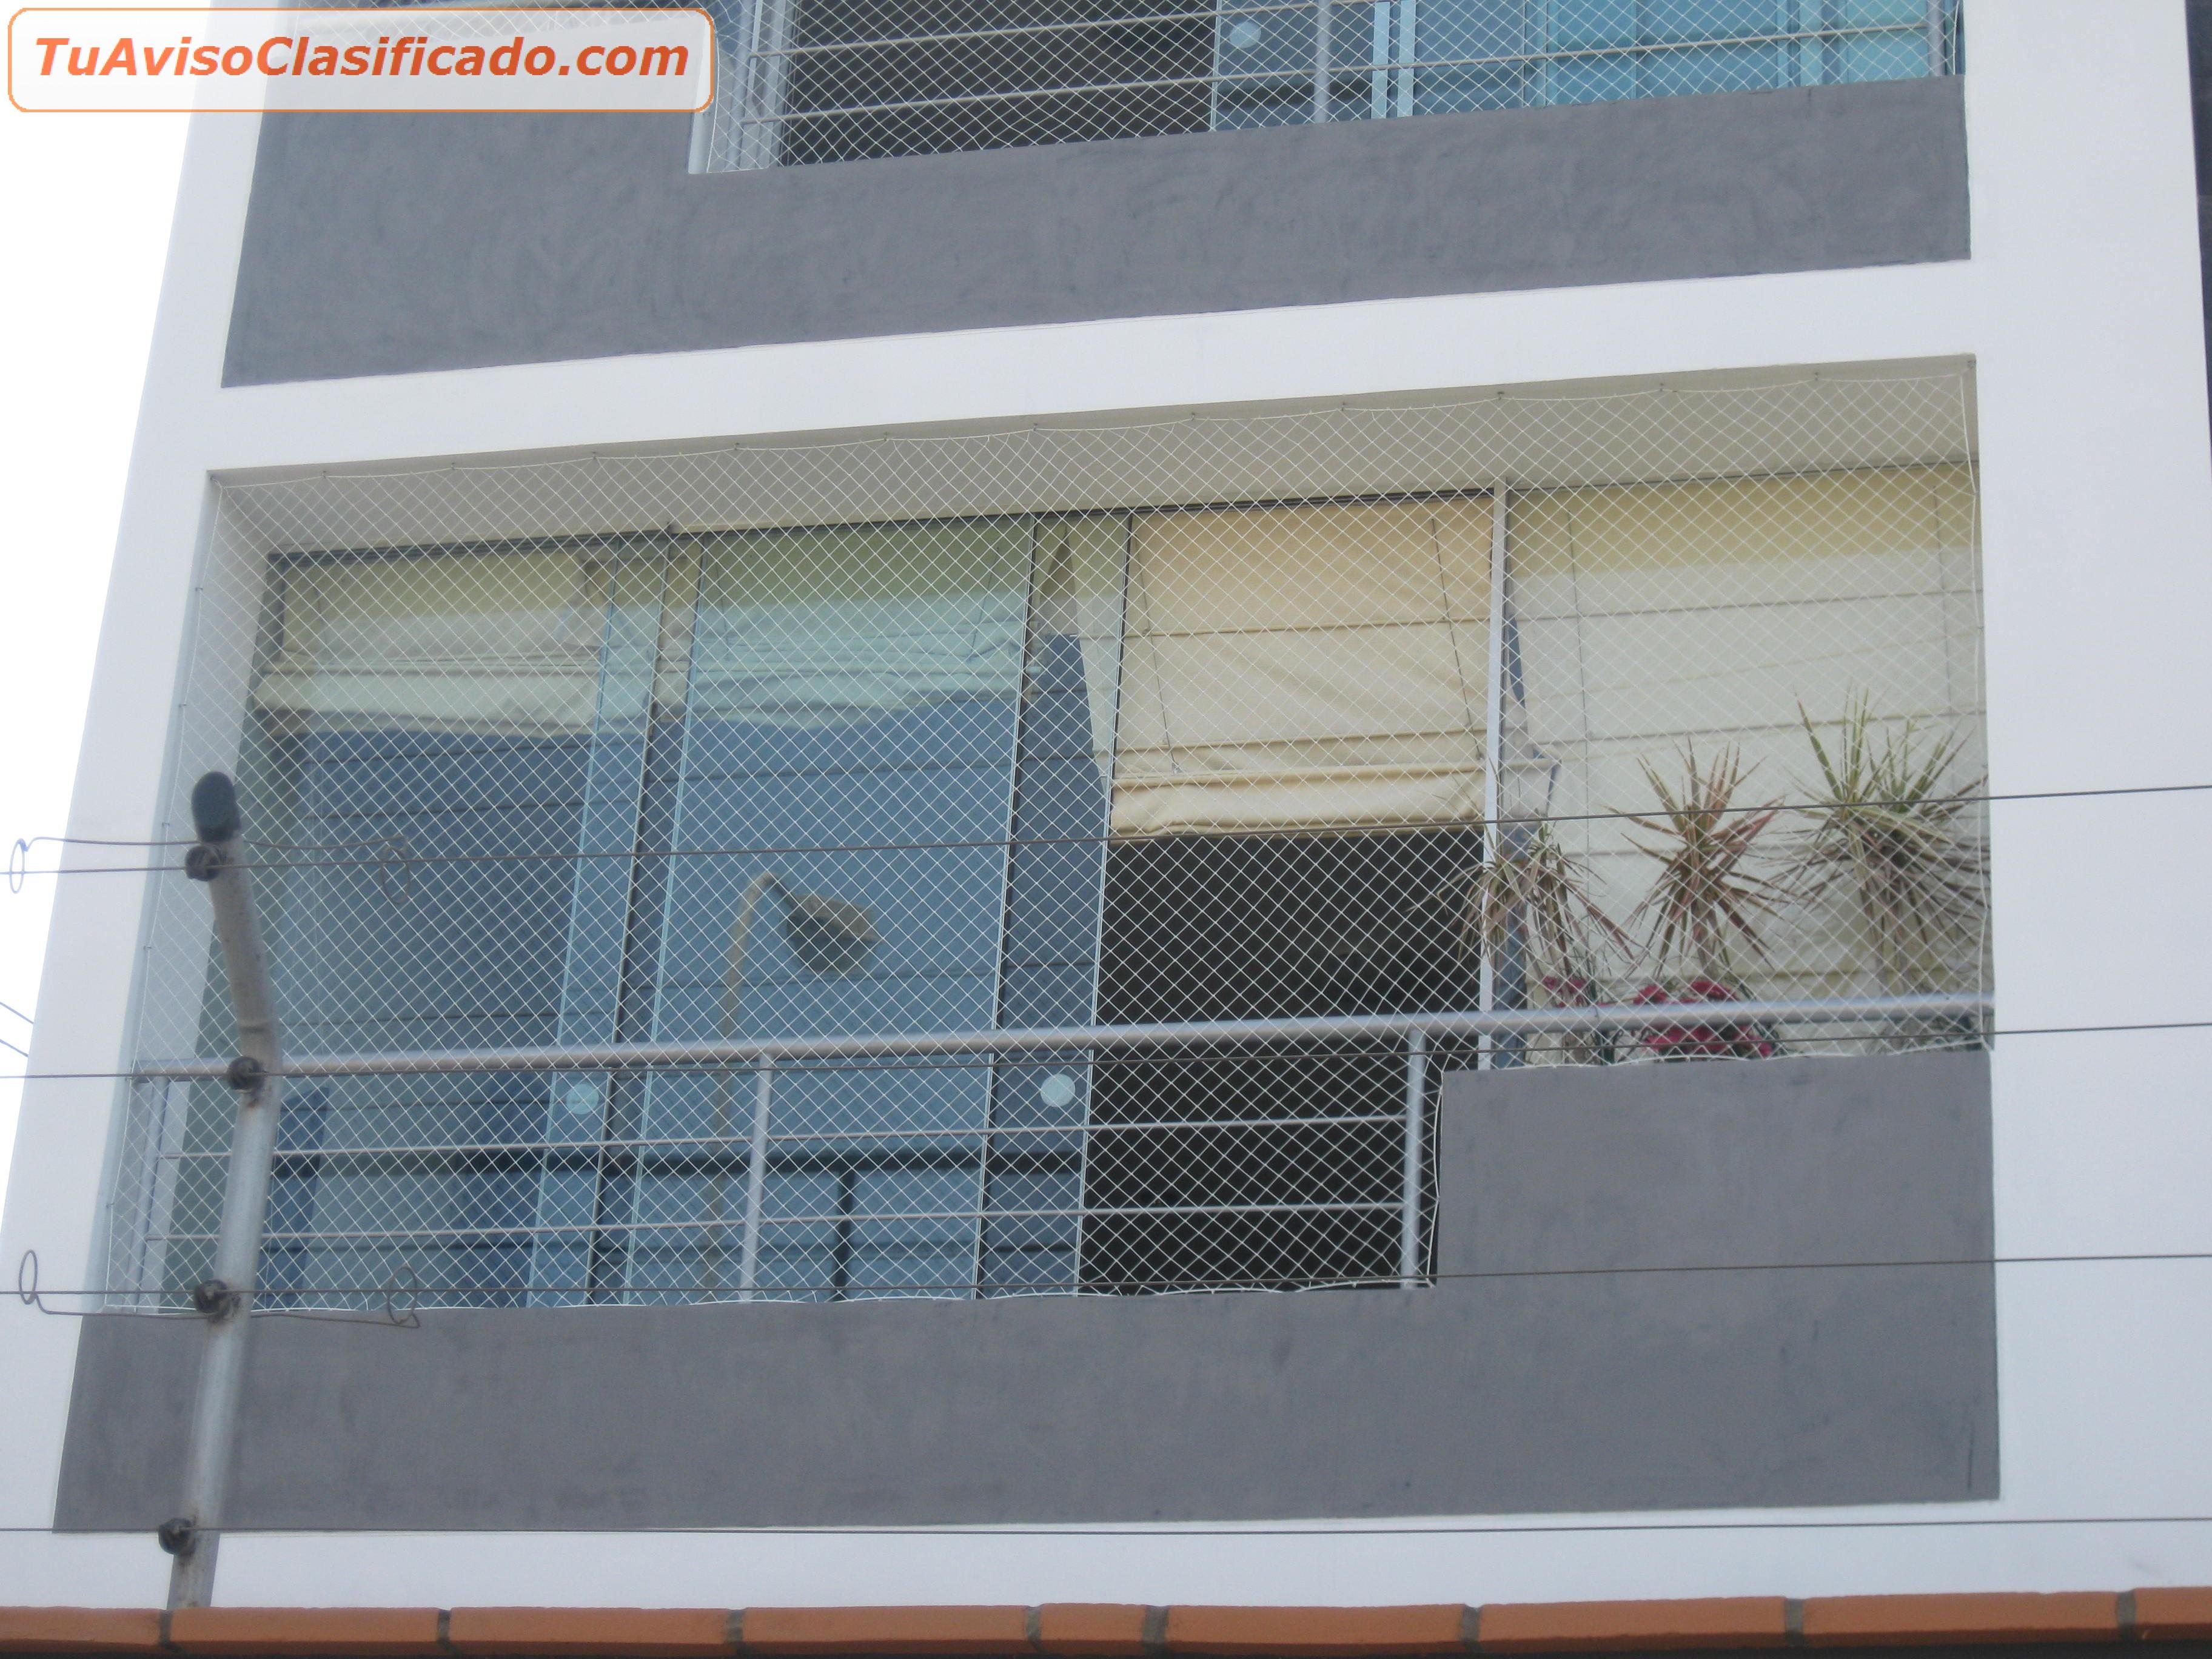 Mallas de seguridad protectoras para ni os en piscinas for Tipos de toldos para balcones